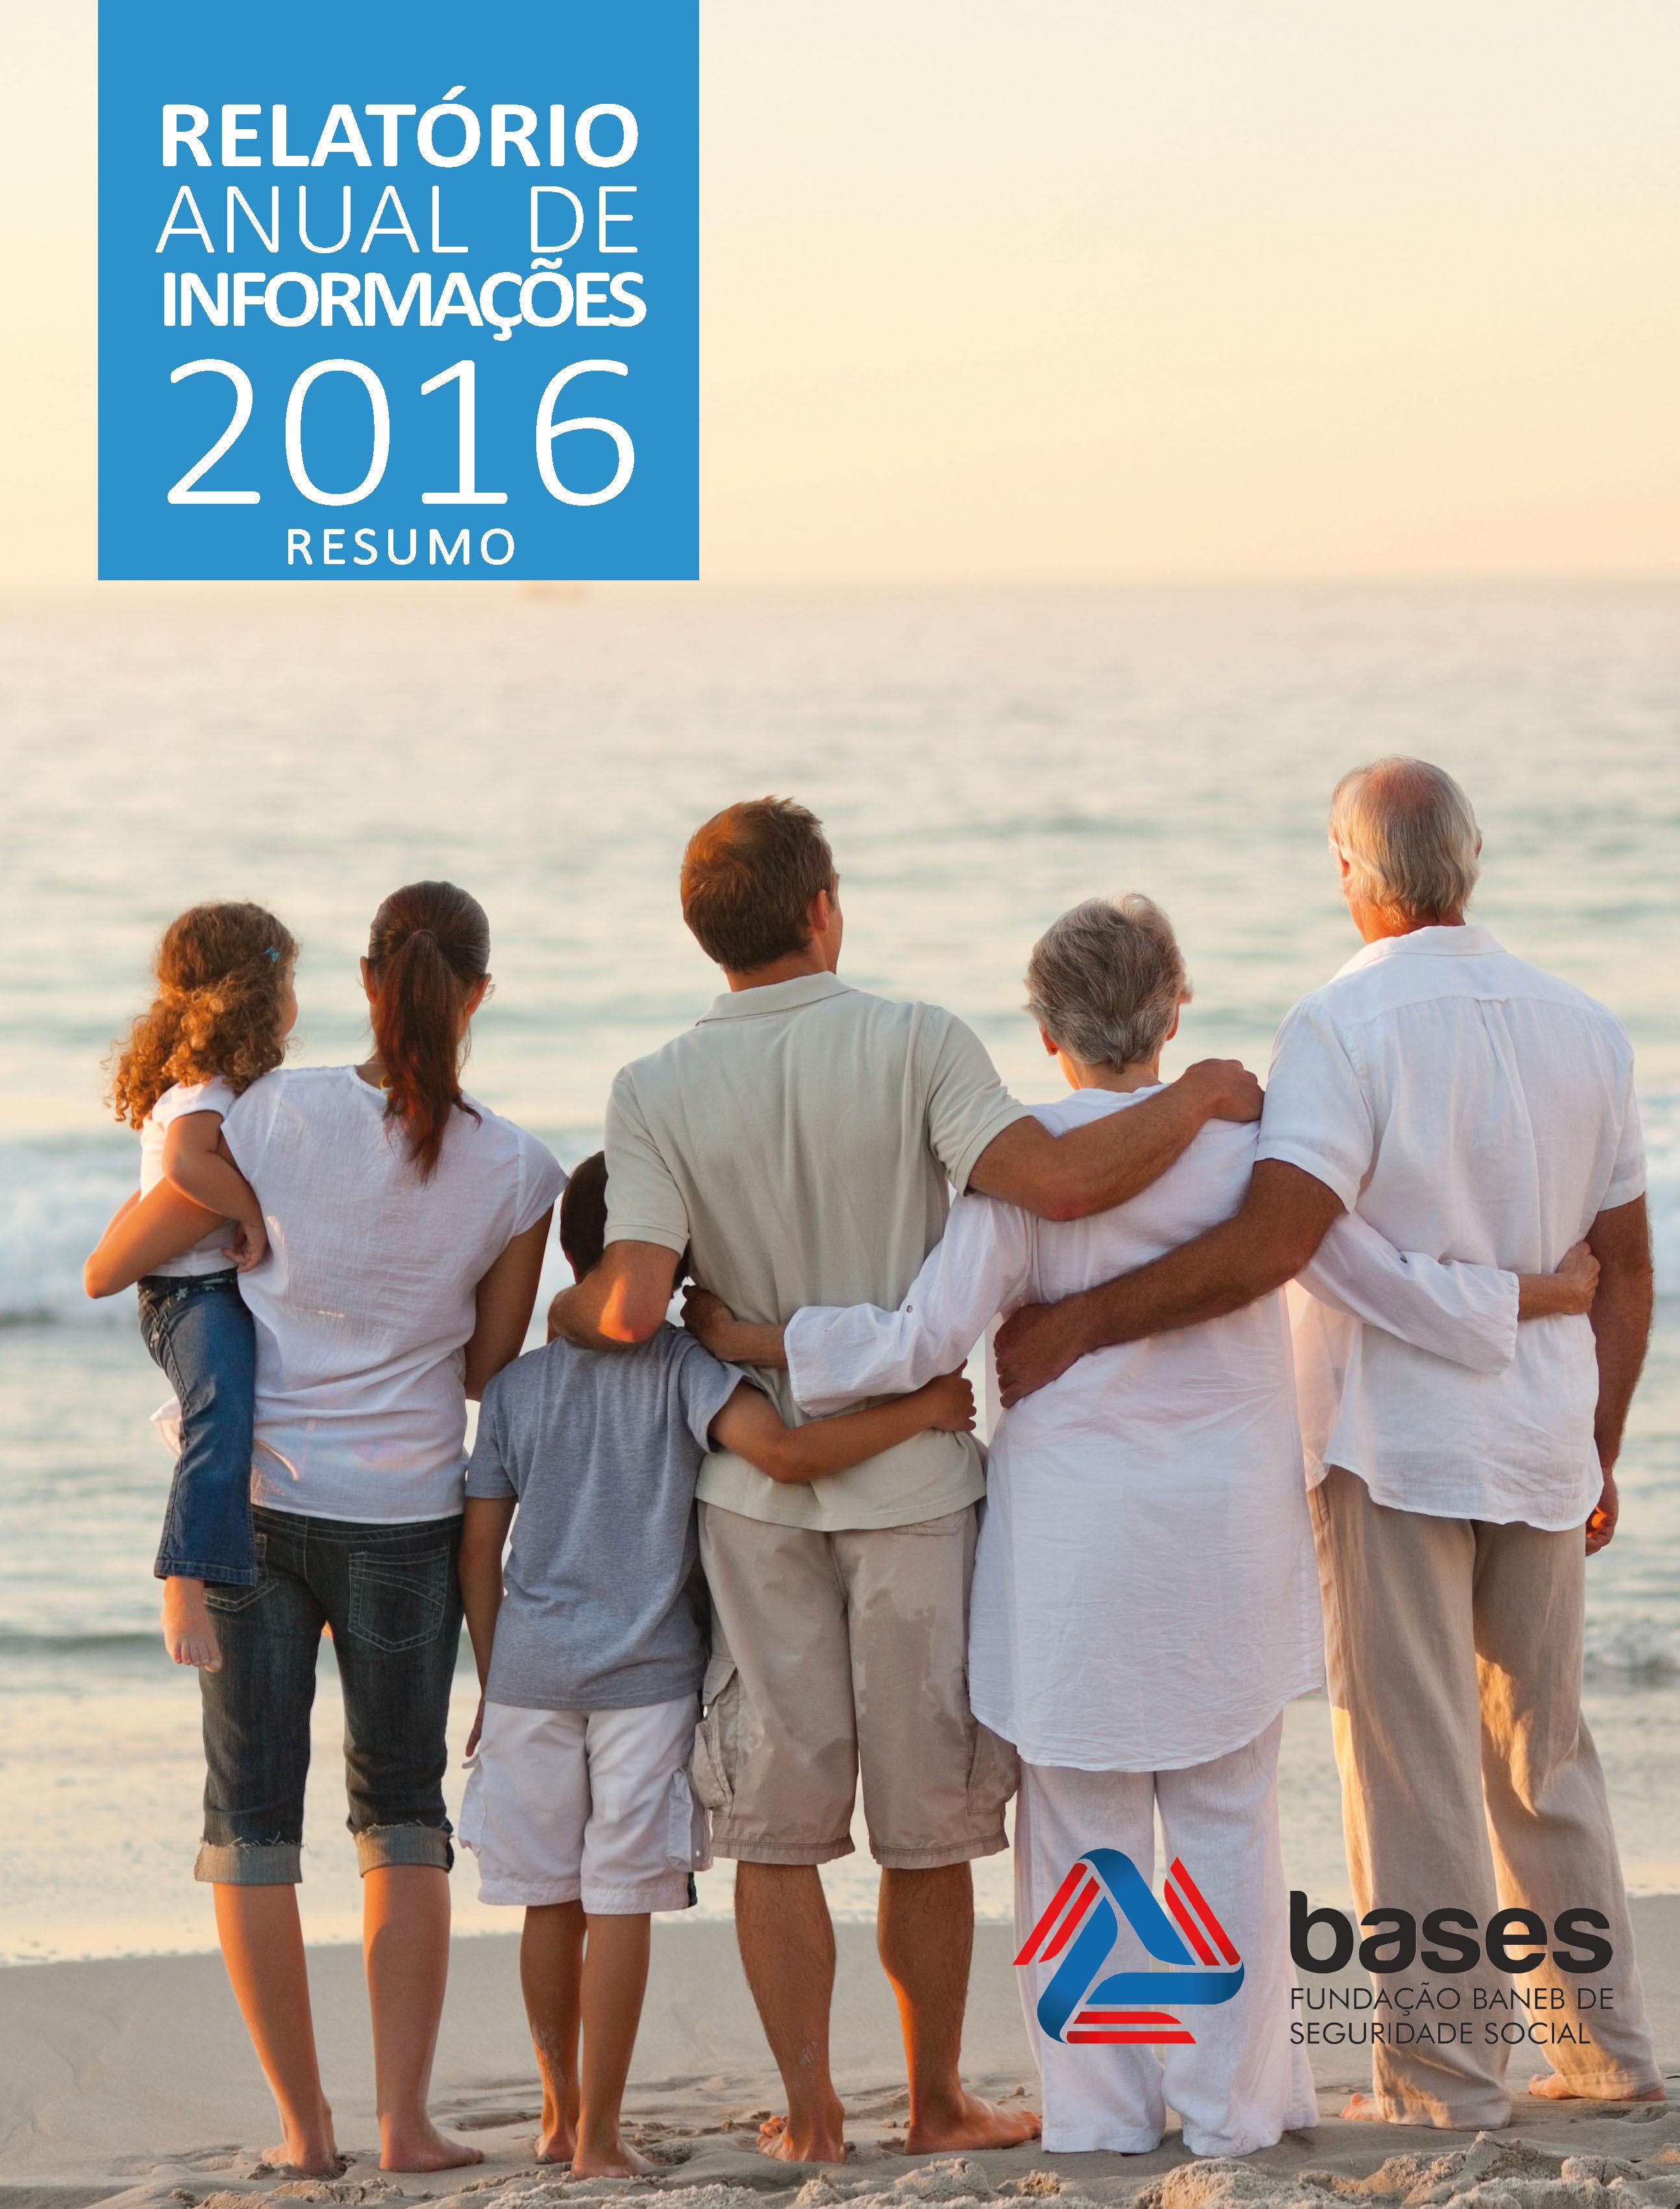 Relatório Anual de Informações 2016 - Resumo